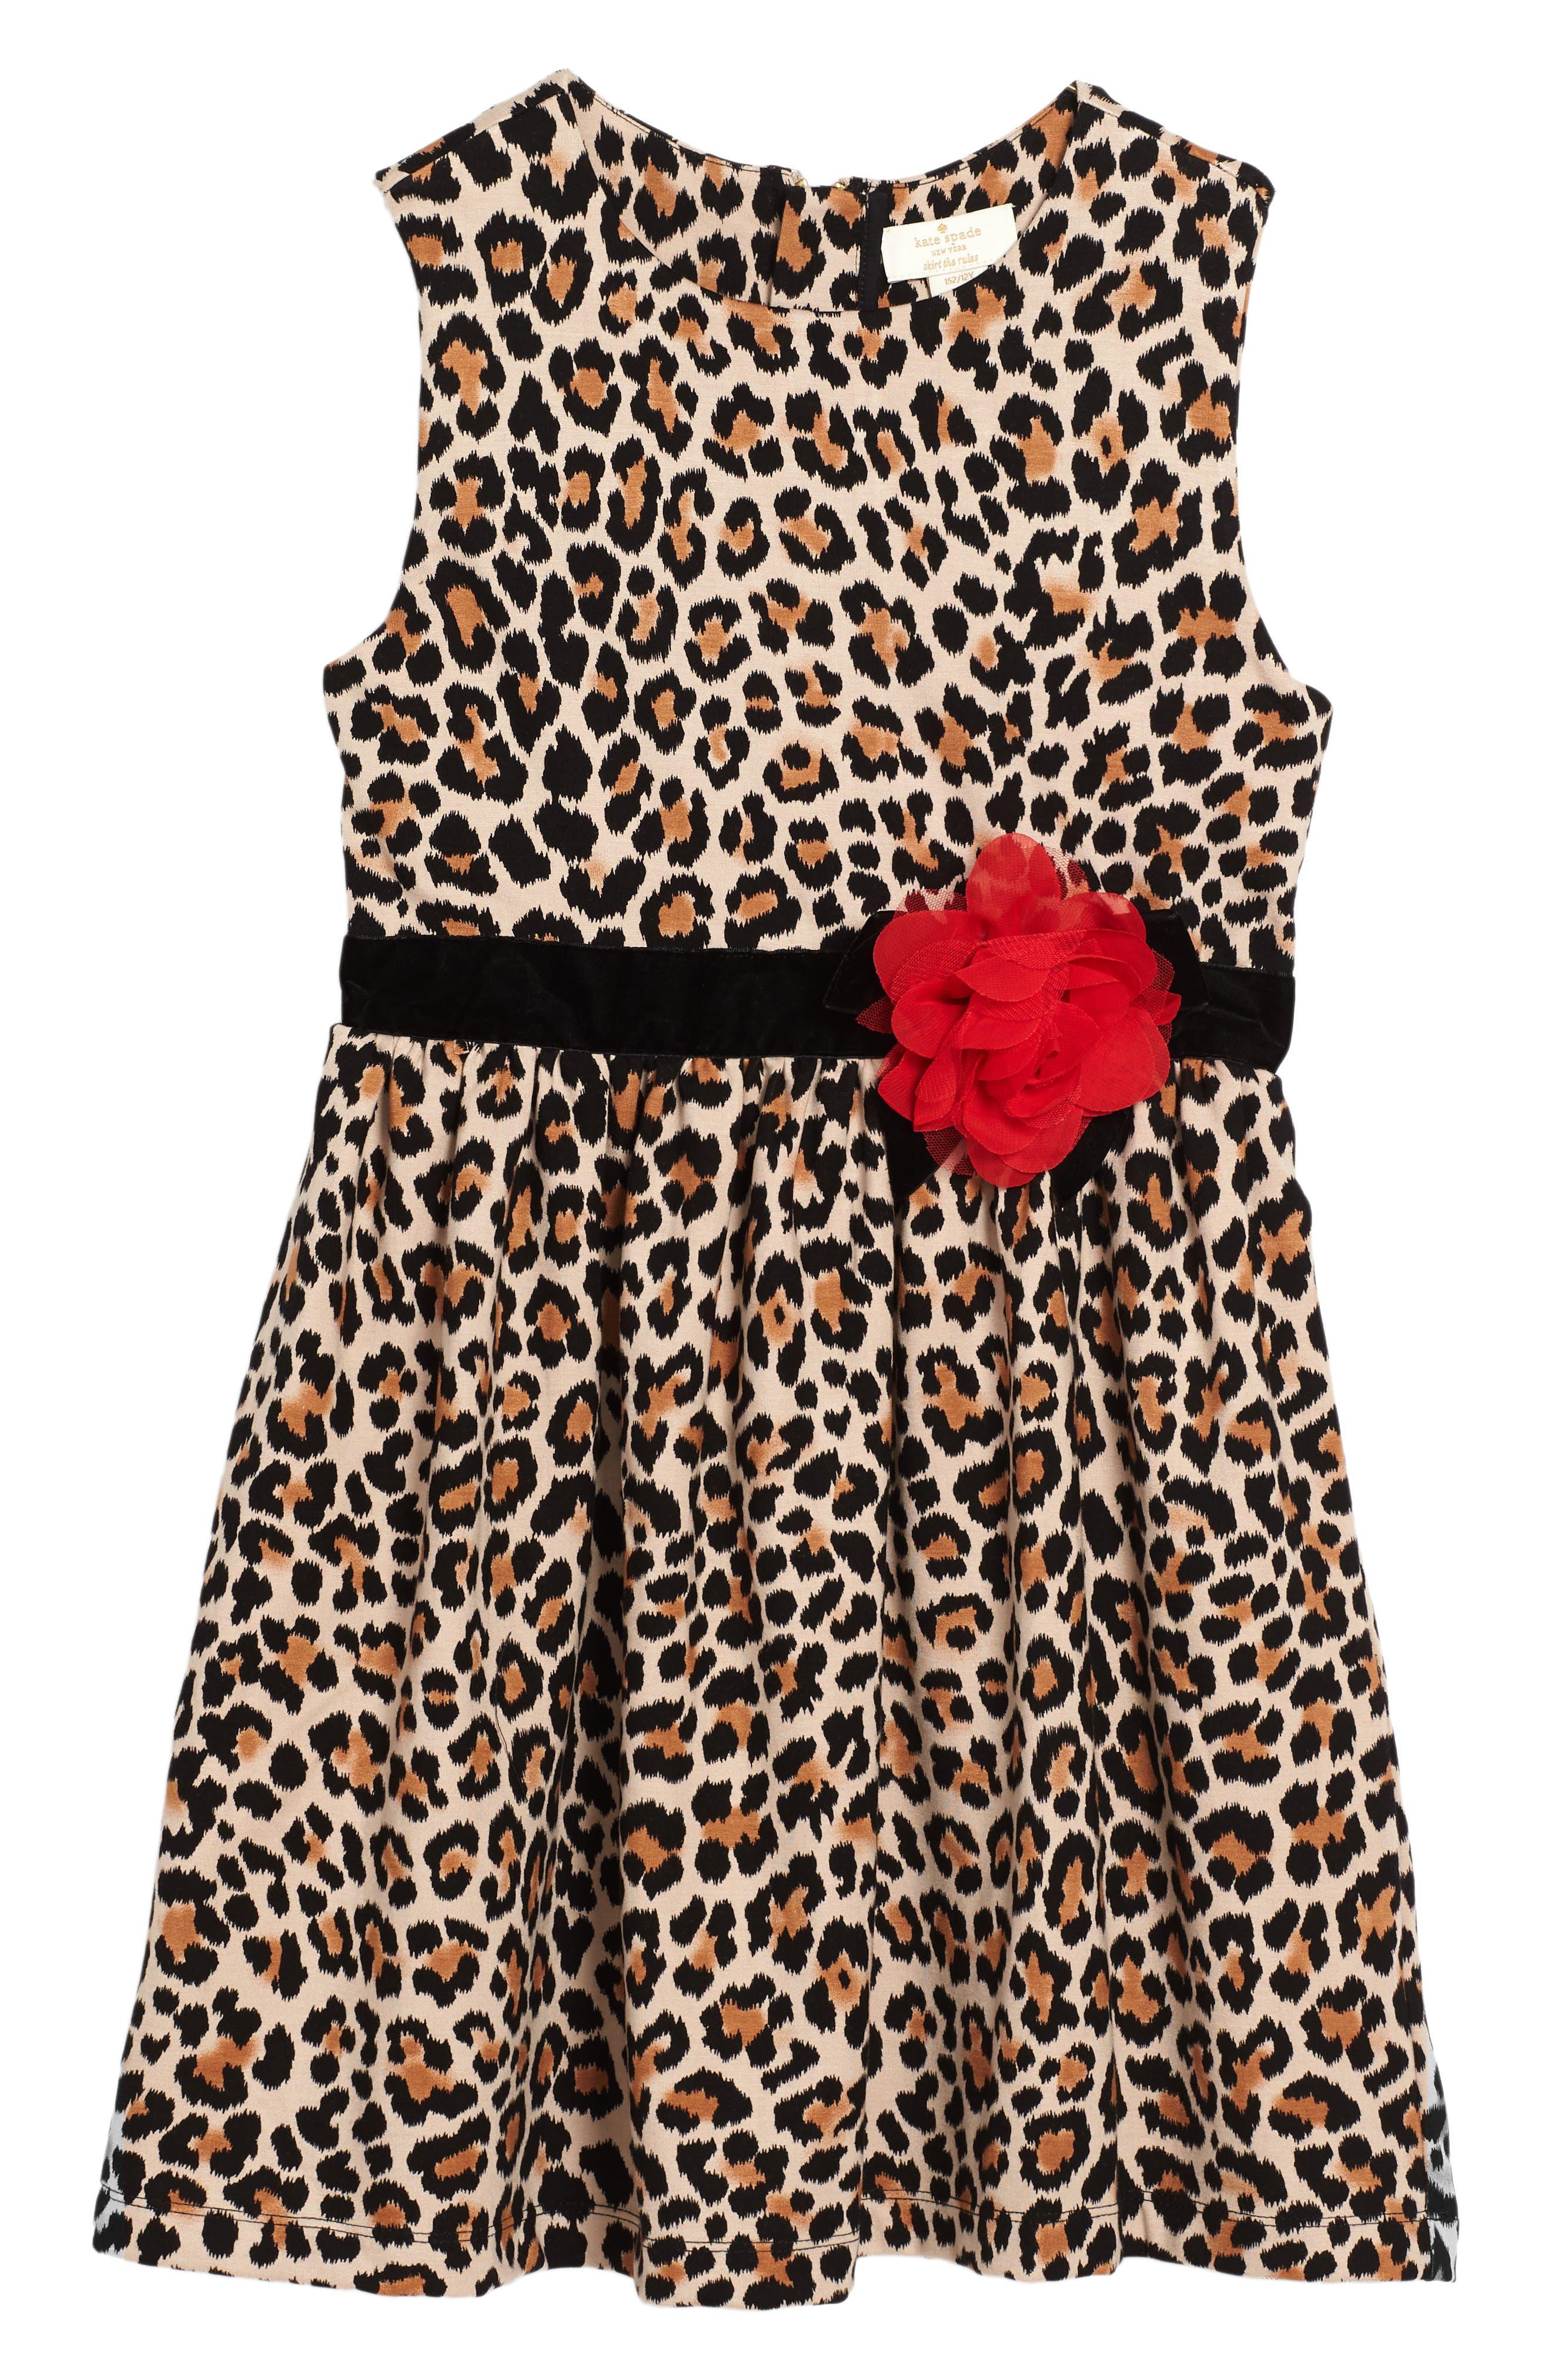 Alternate Image 1 Selected - kate spade new york leopard print dress (Toddler Girls & Little Girls)